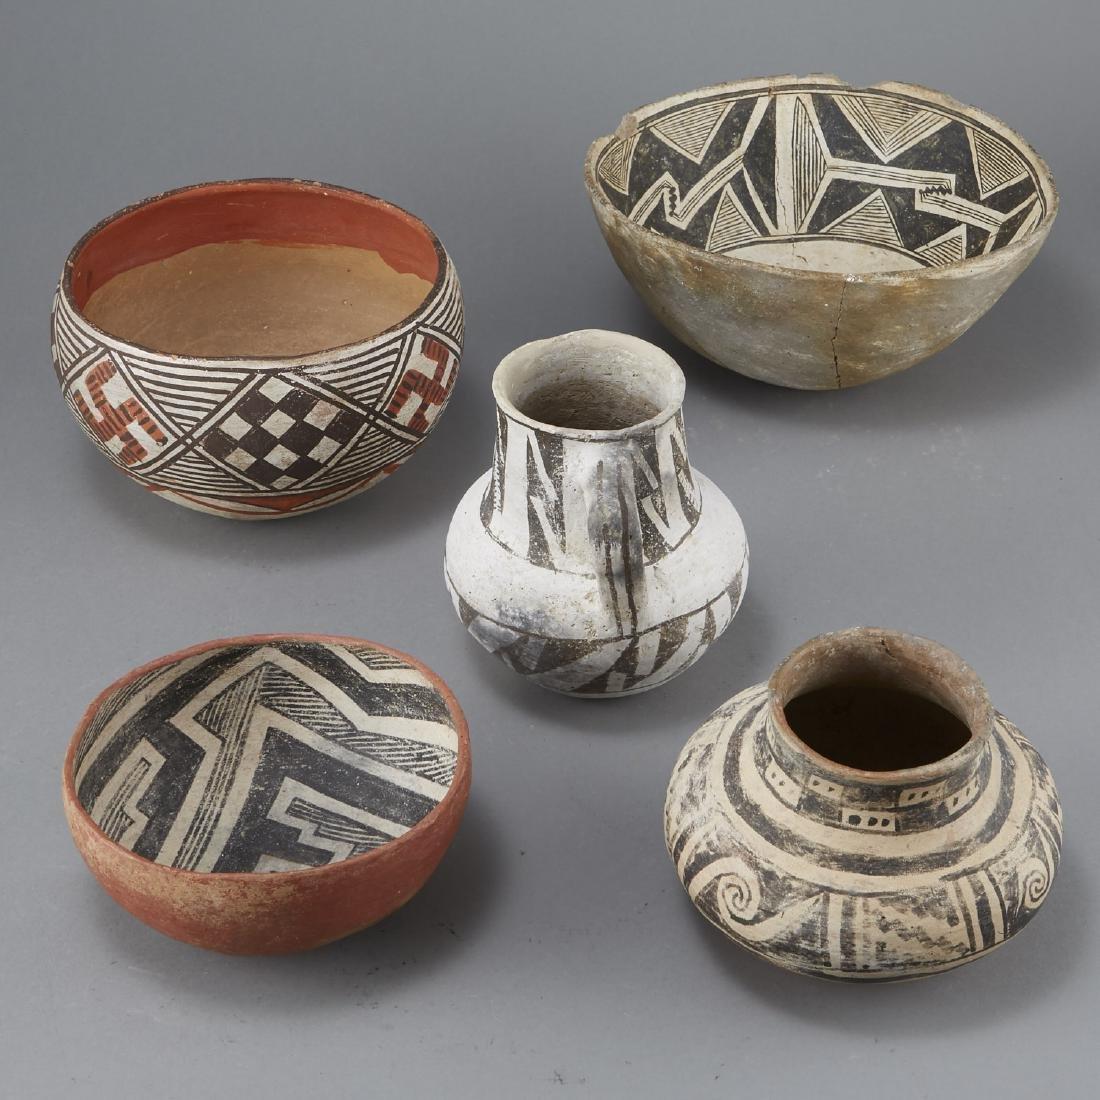 5 Prehistoric Pottery Pieces - 2